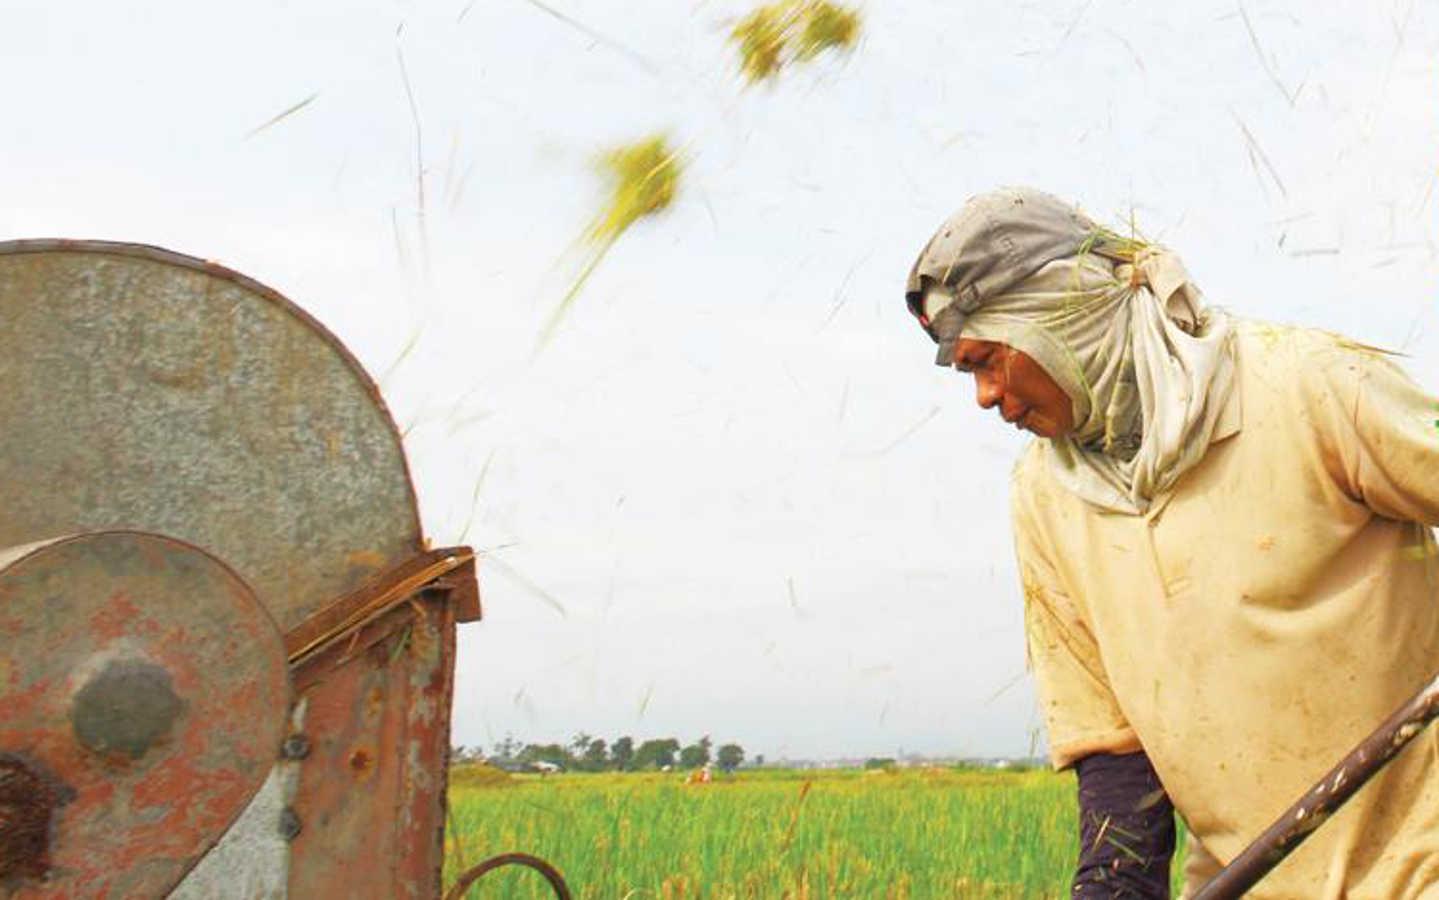 Investimenti a sostegno dello sviluppo rurale per abbattere la povertà